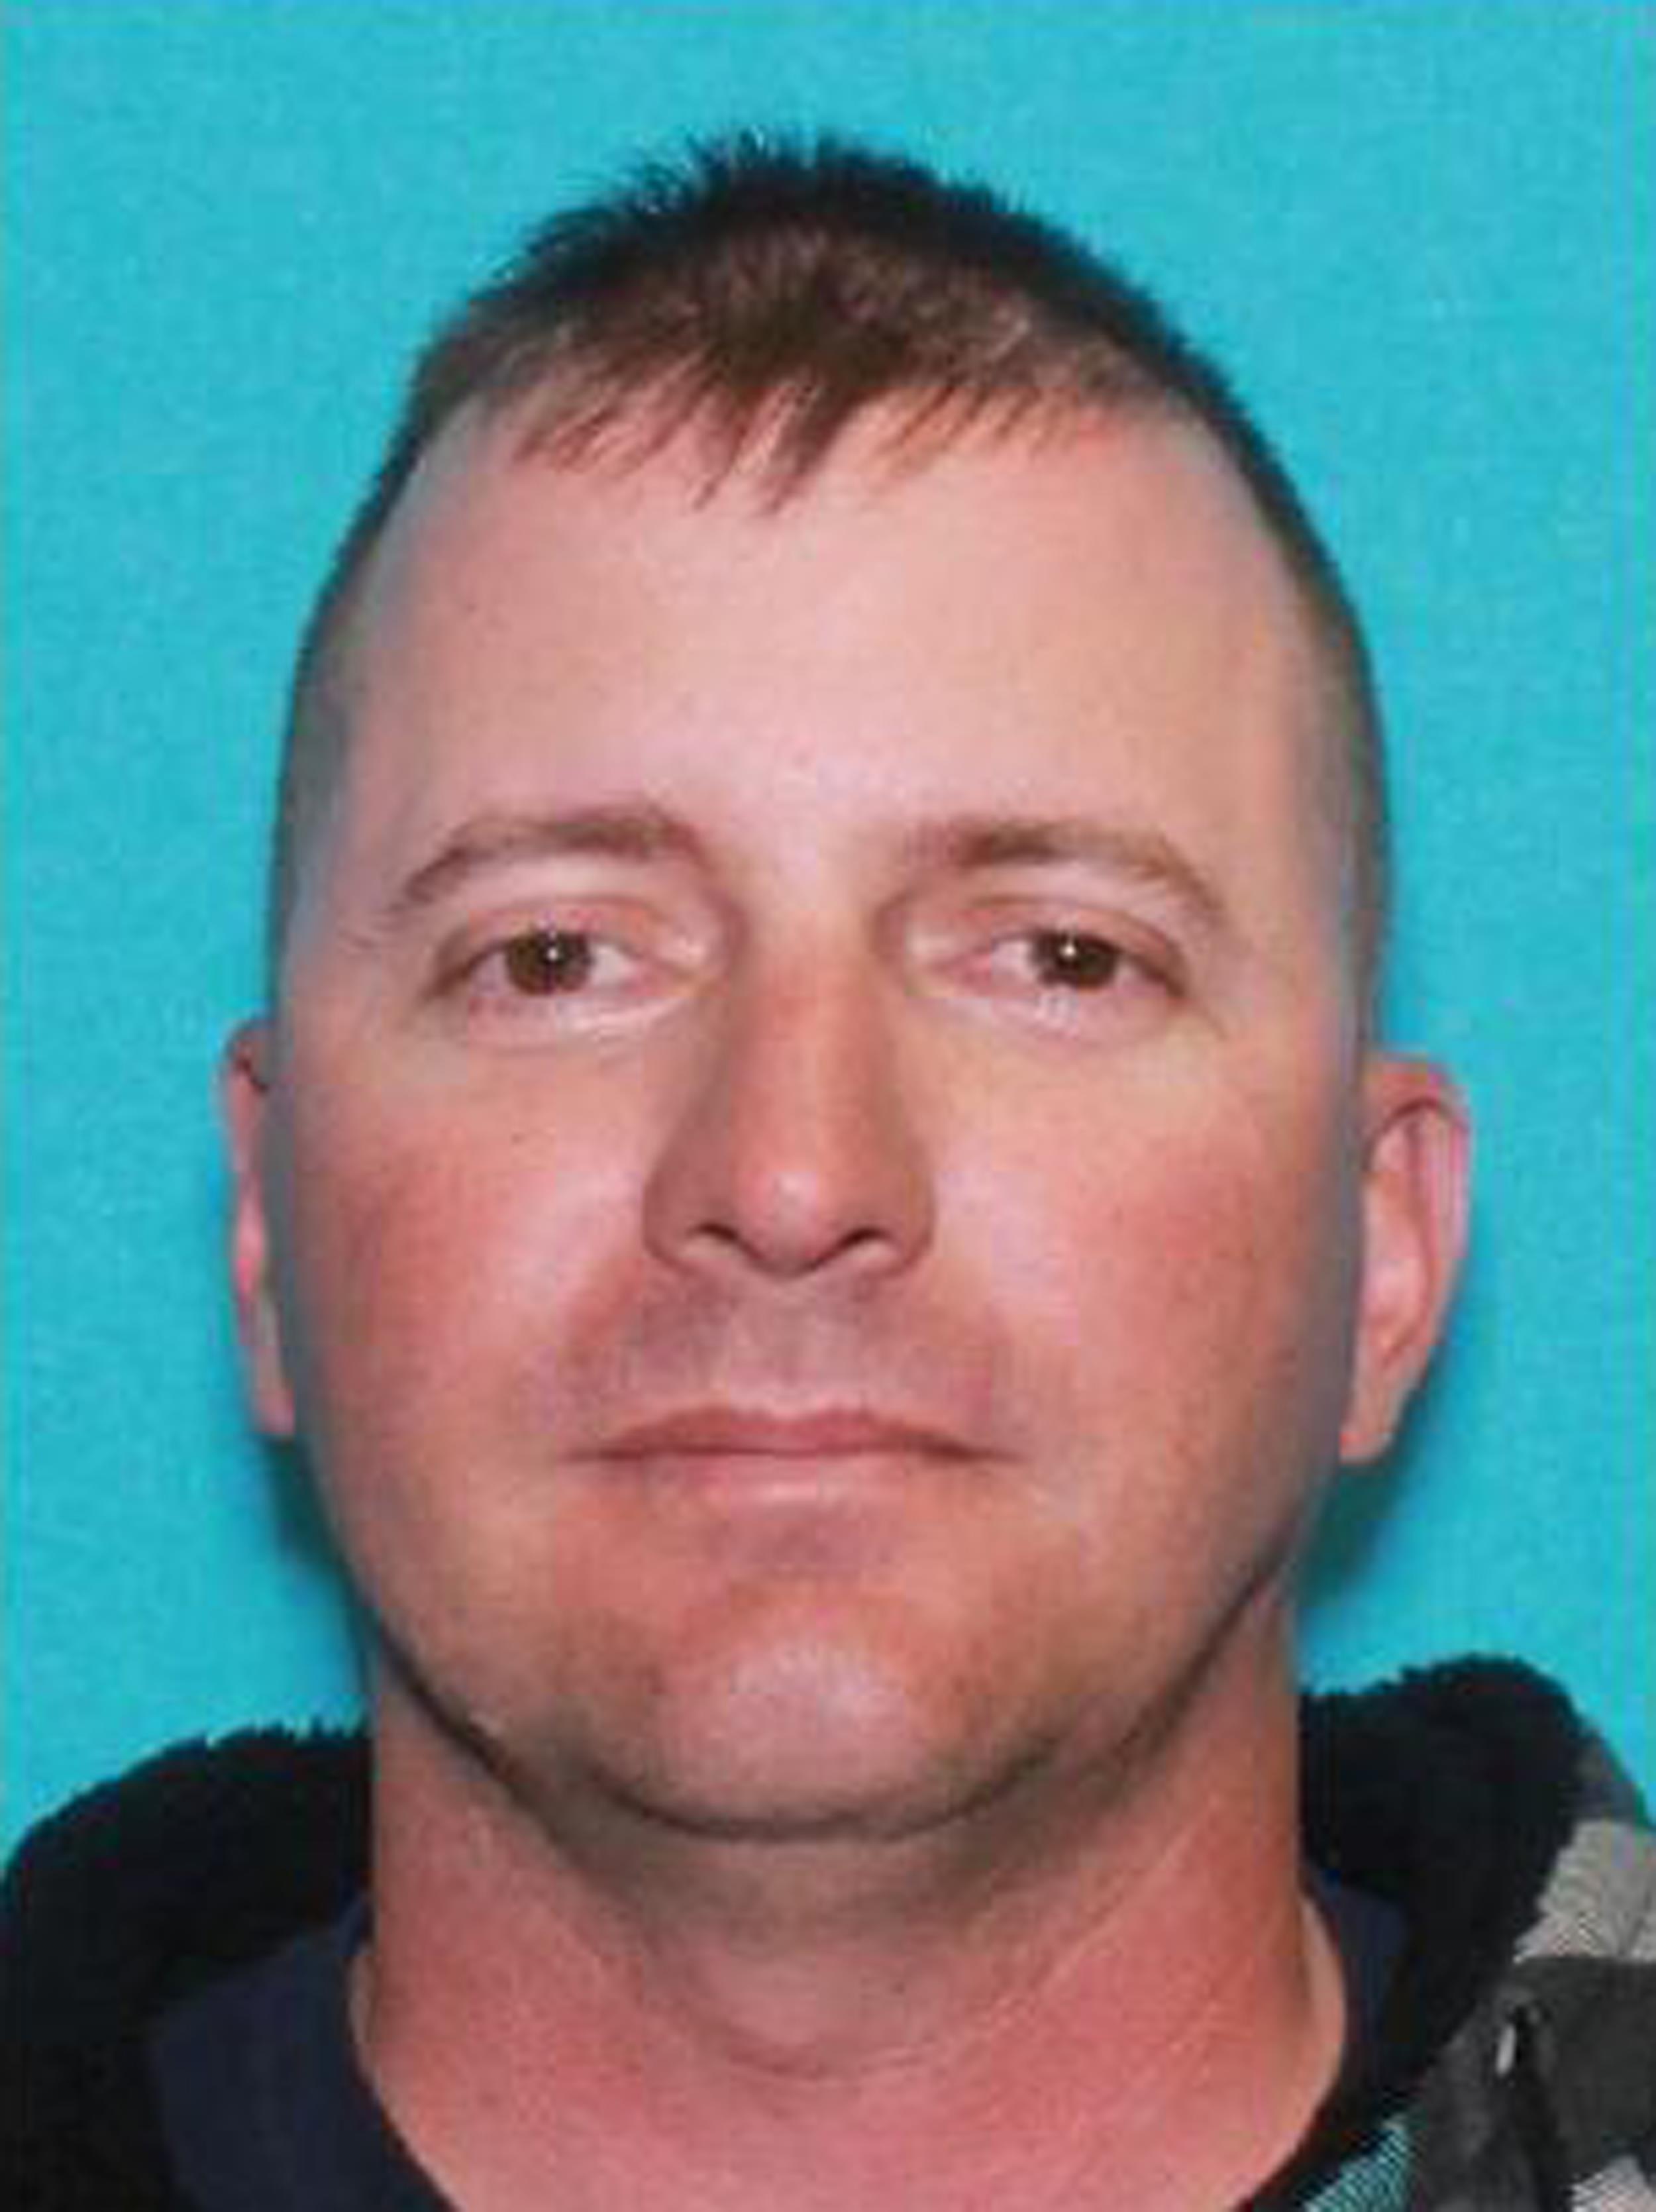 Spec. Ivan Lopez, suspected Fort Hood shooter